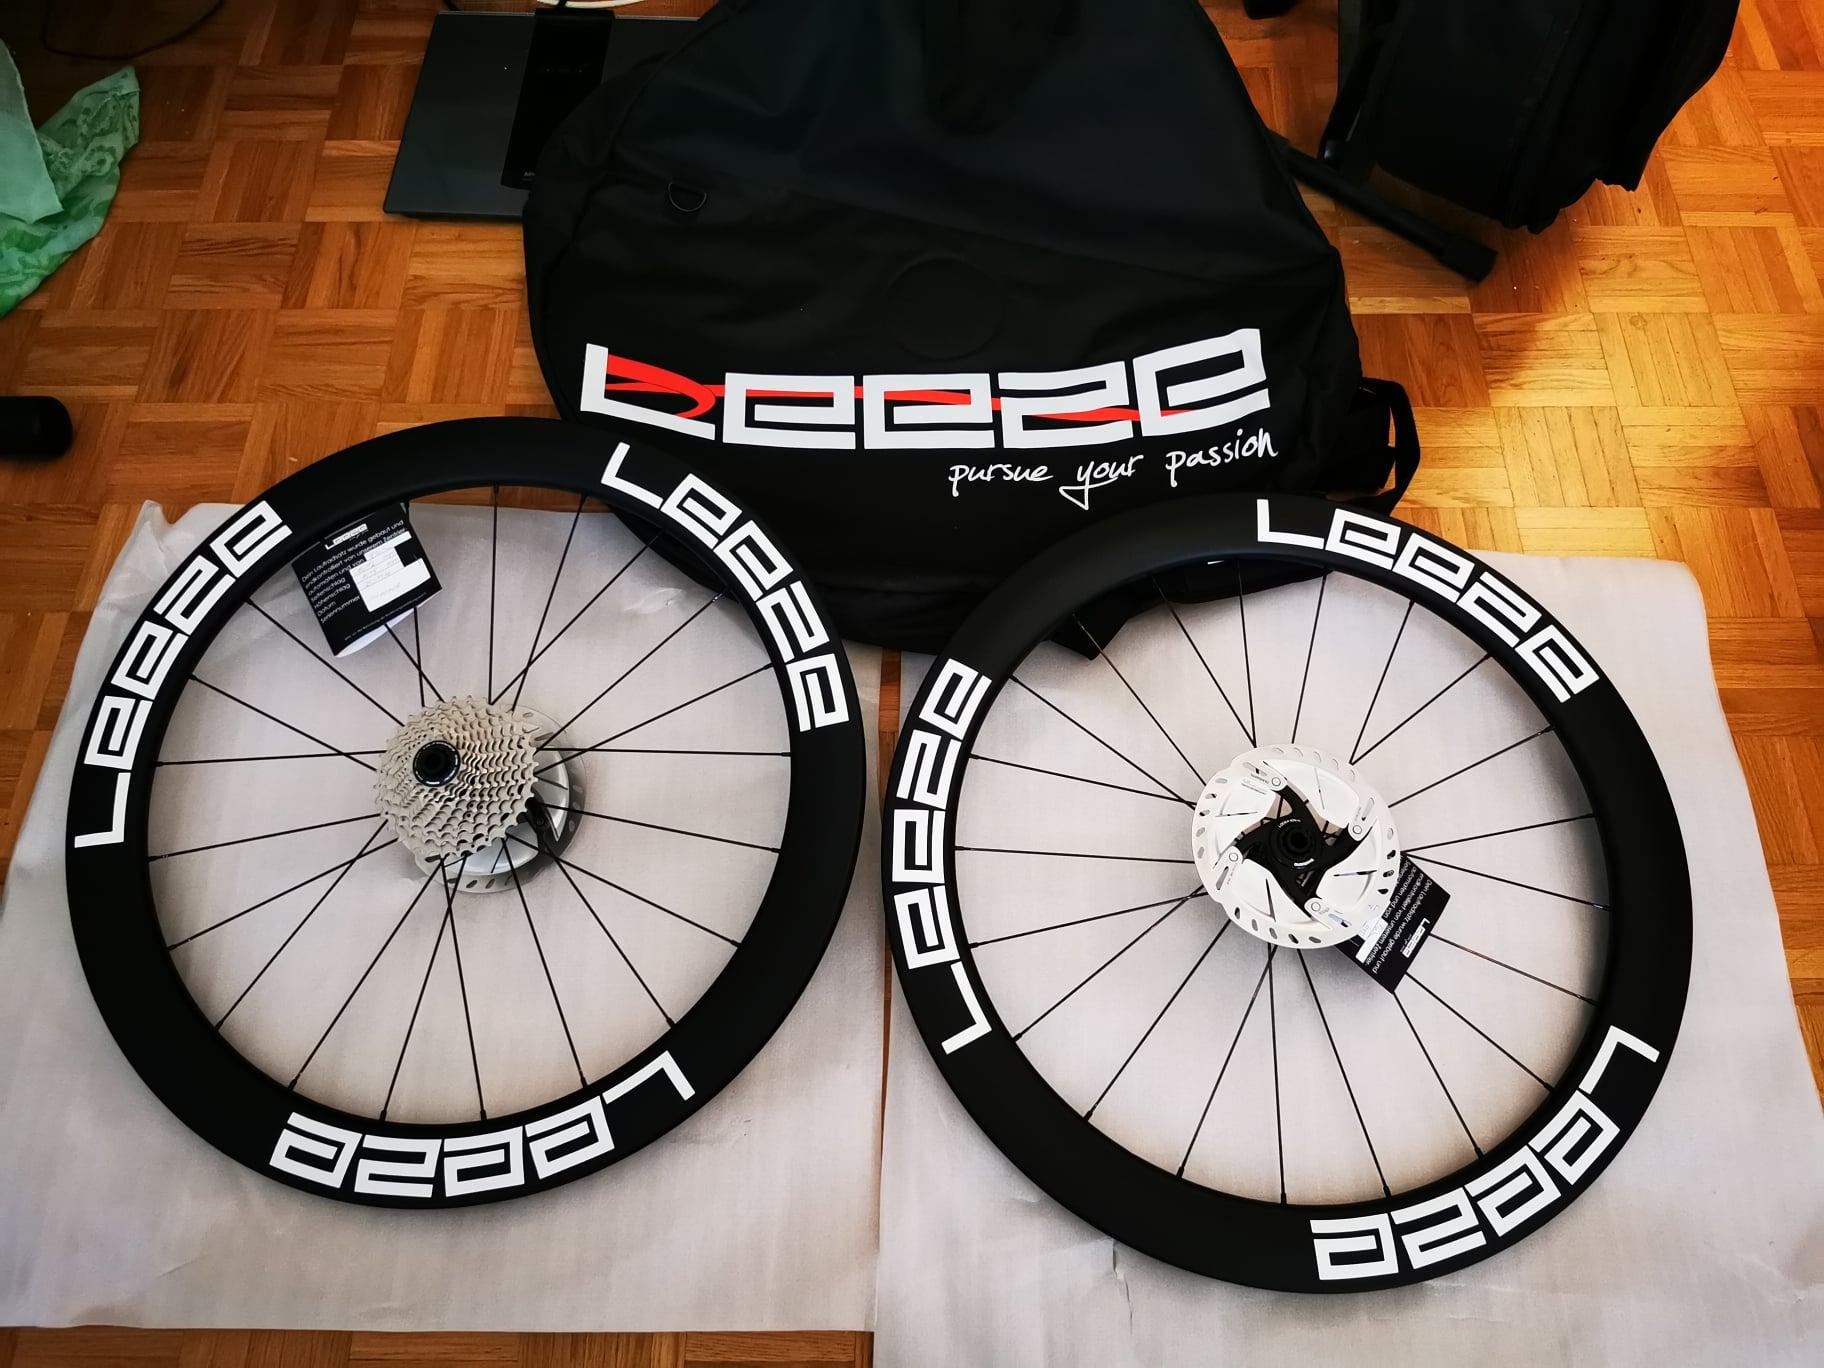 Laufräder weder mit Schluach noch Reifen